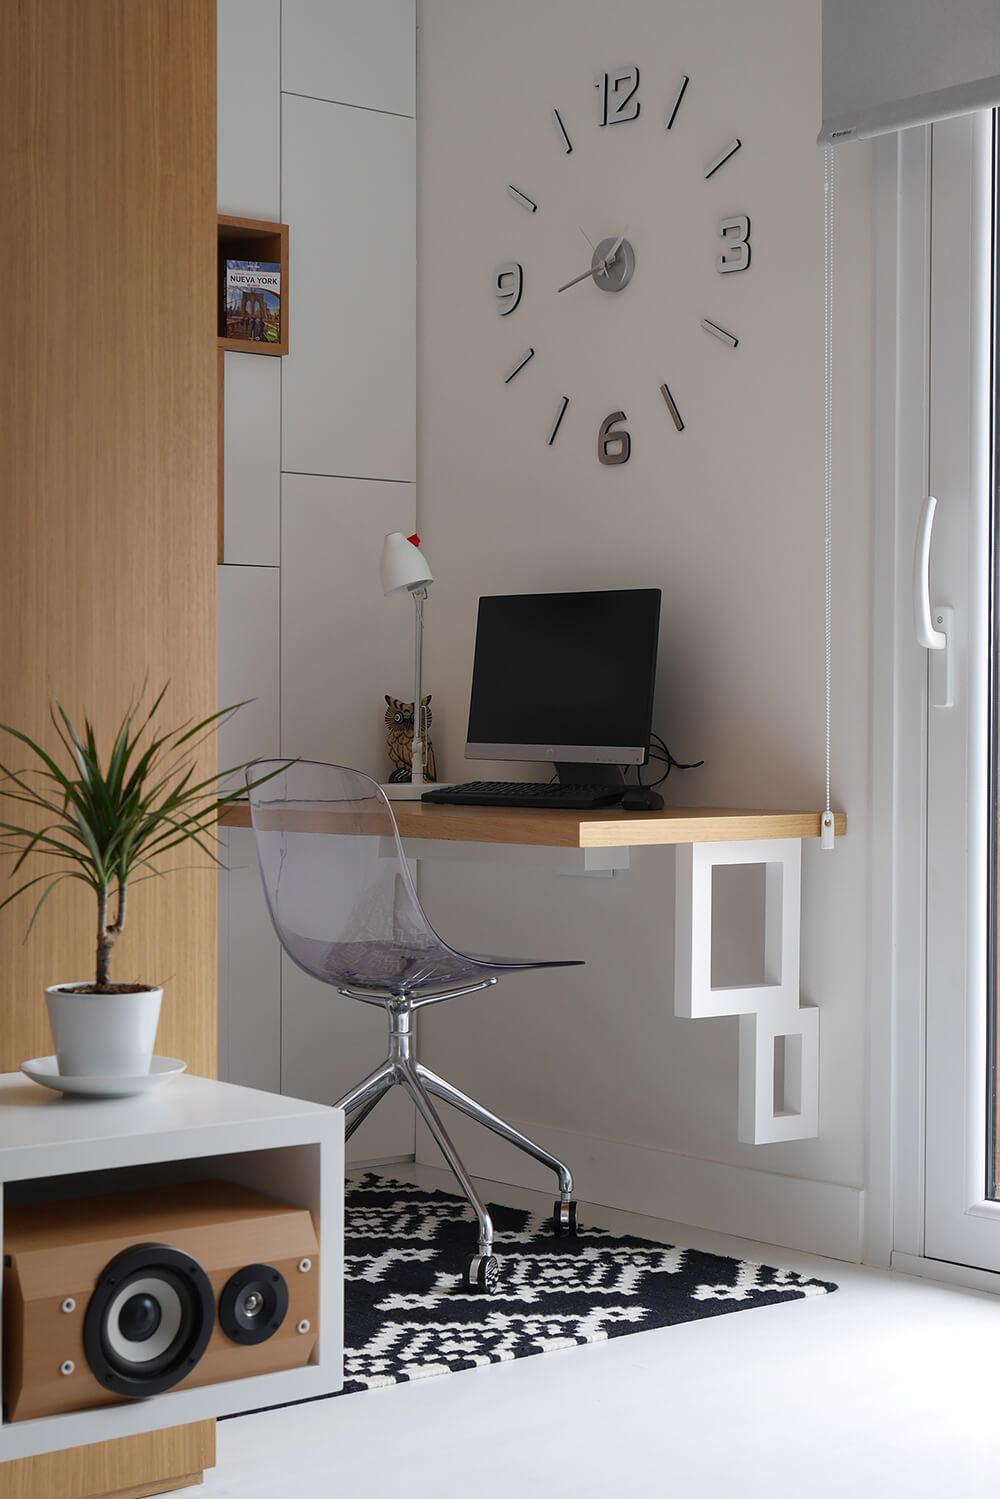 Redecora tu hogar proyectos de interiorismo y decoración en Vitoria 4